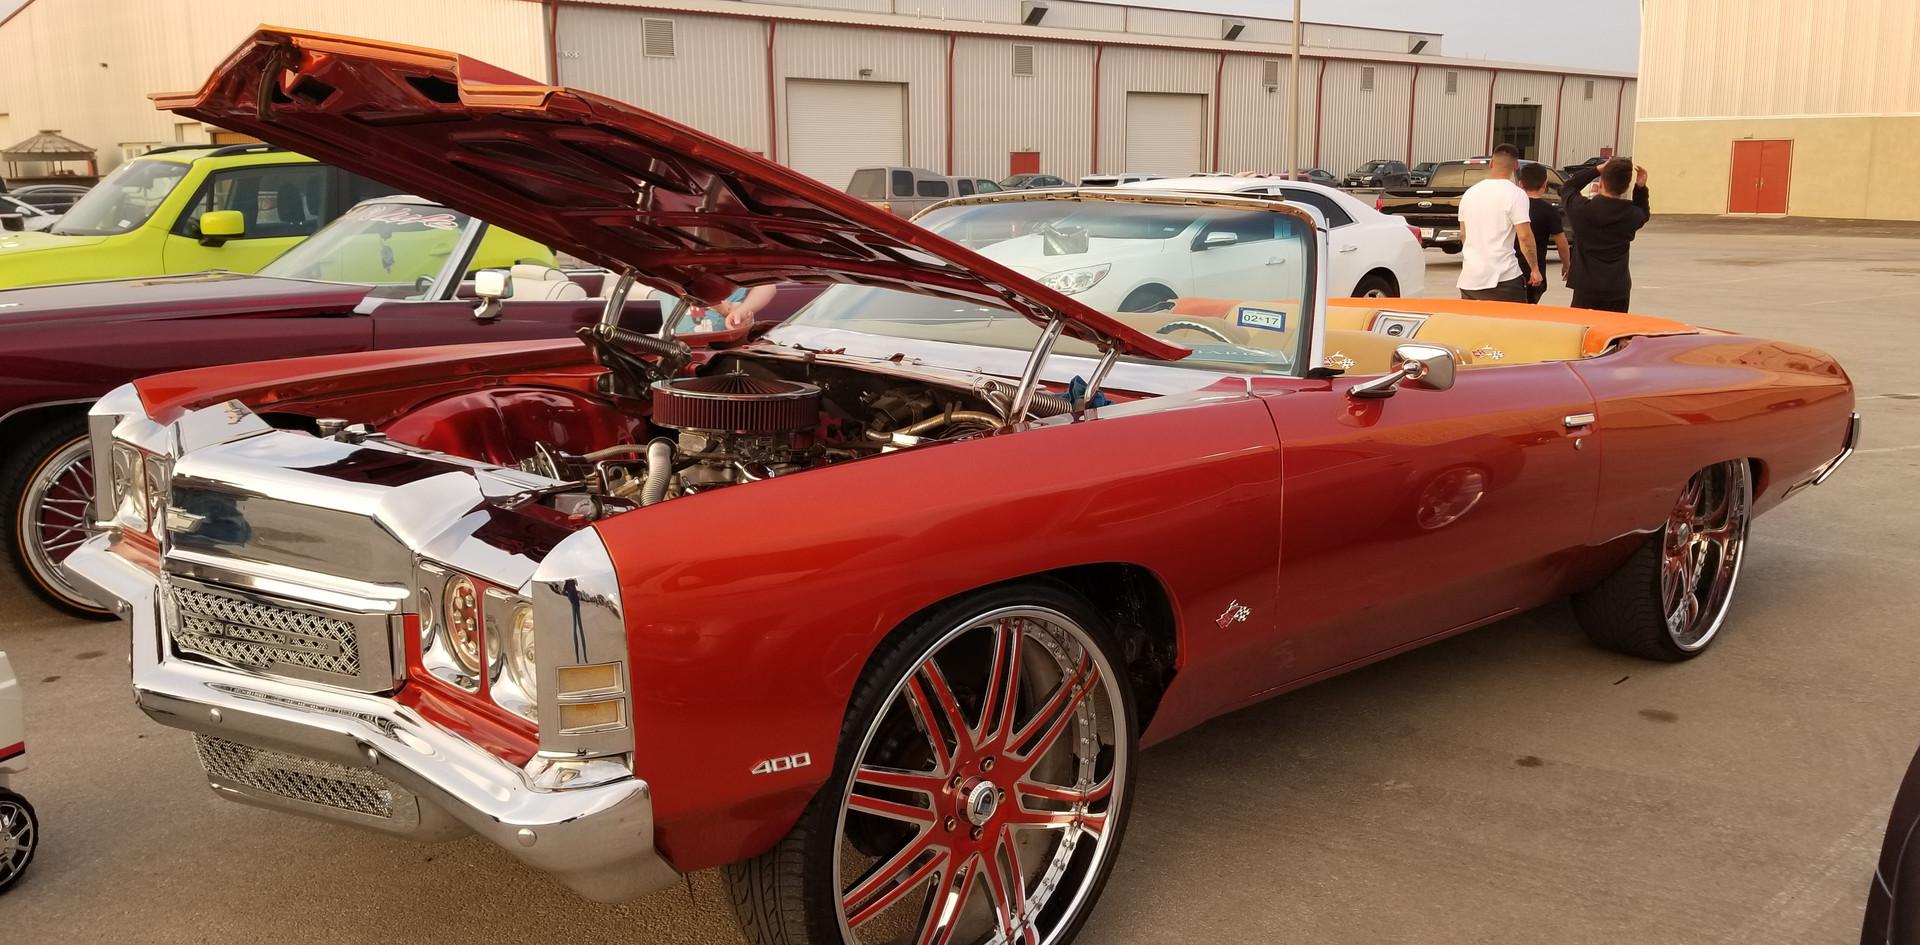 Red Car at FNL